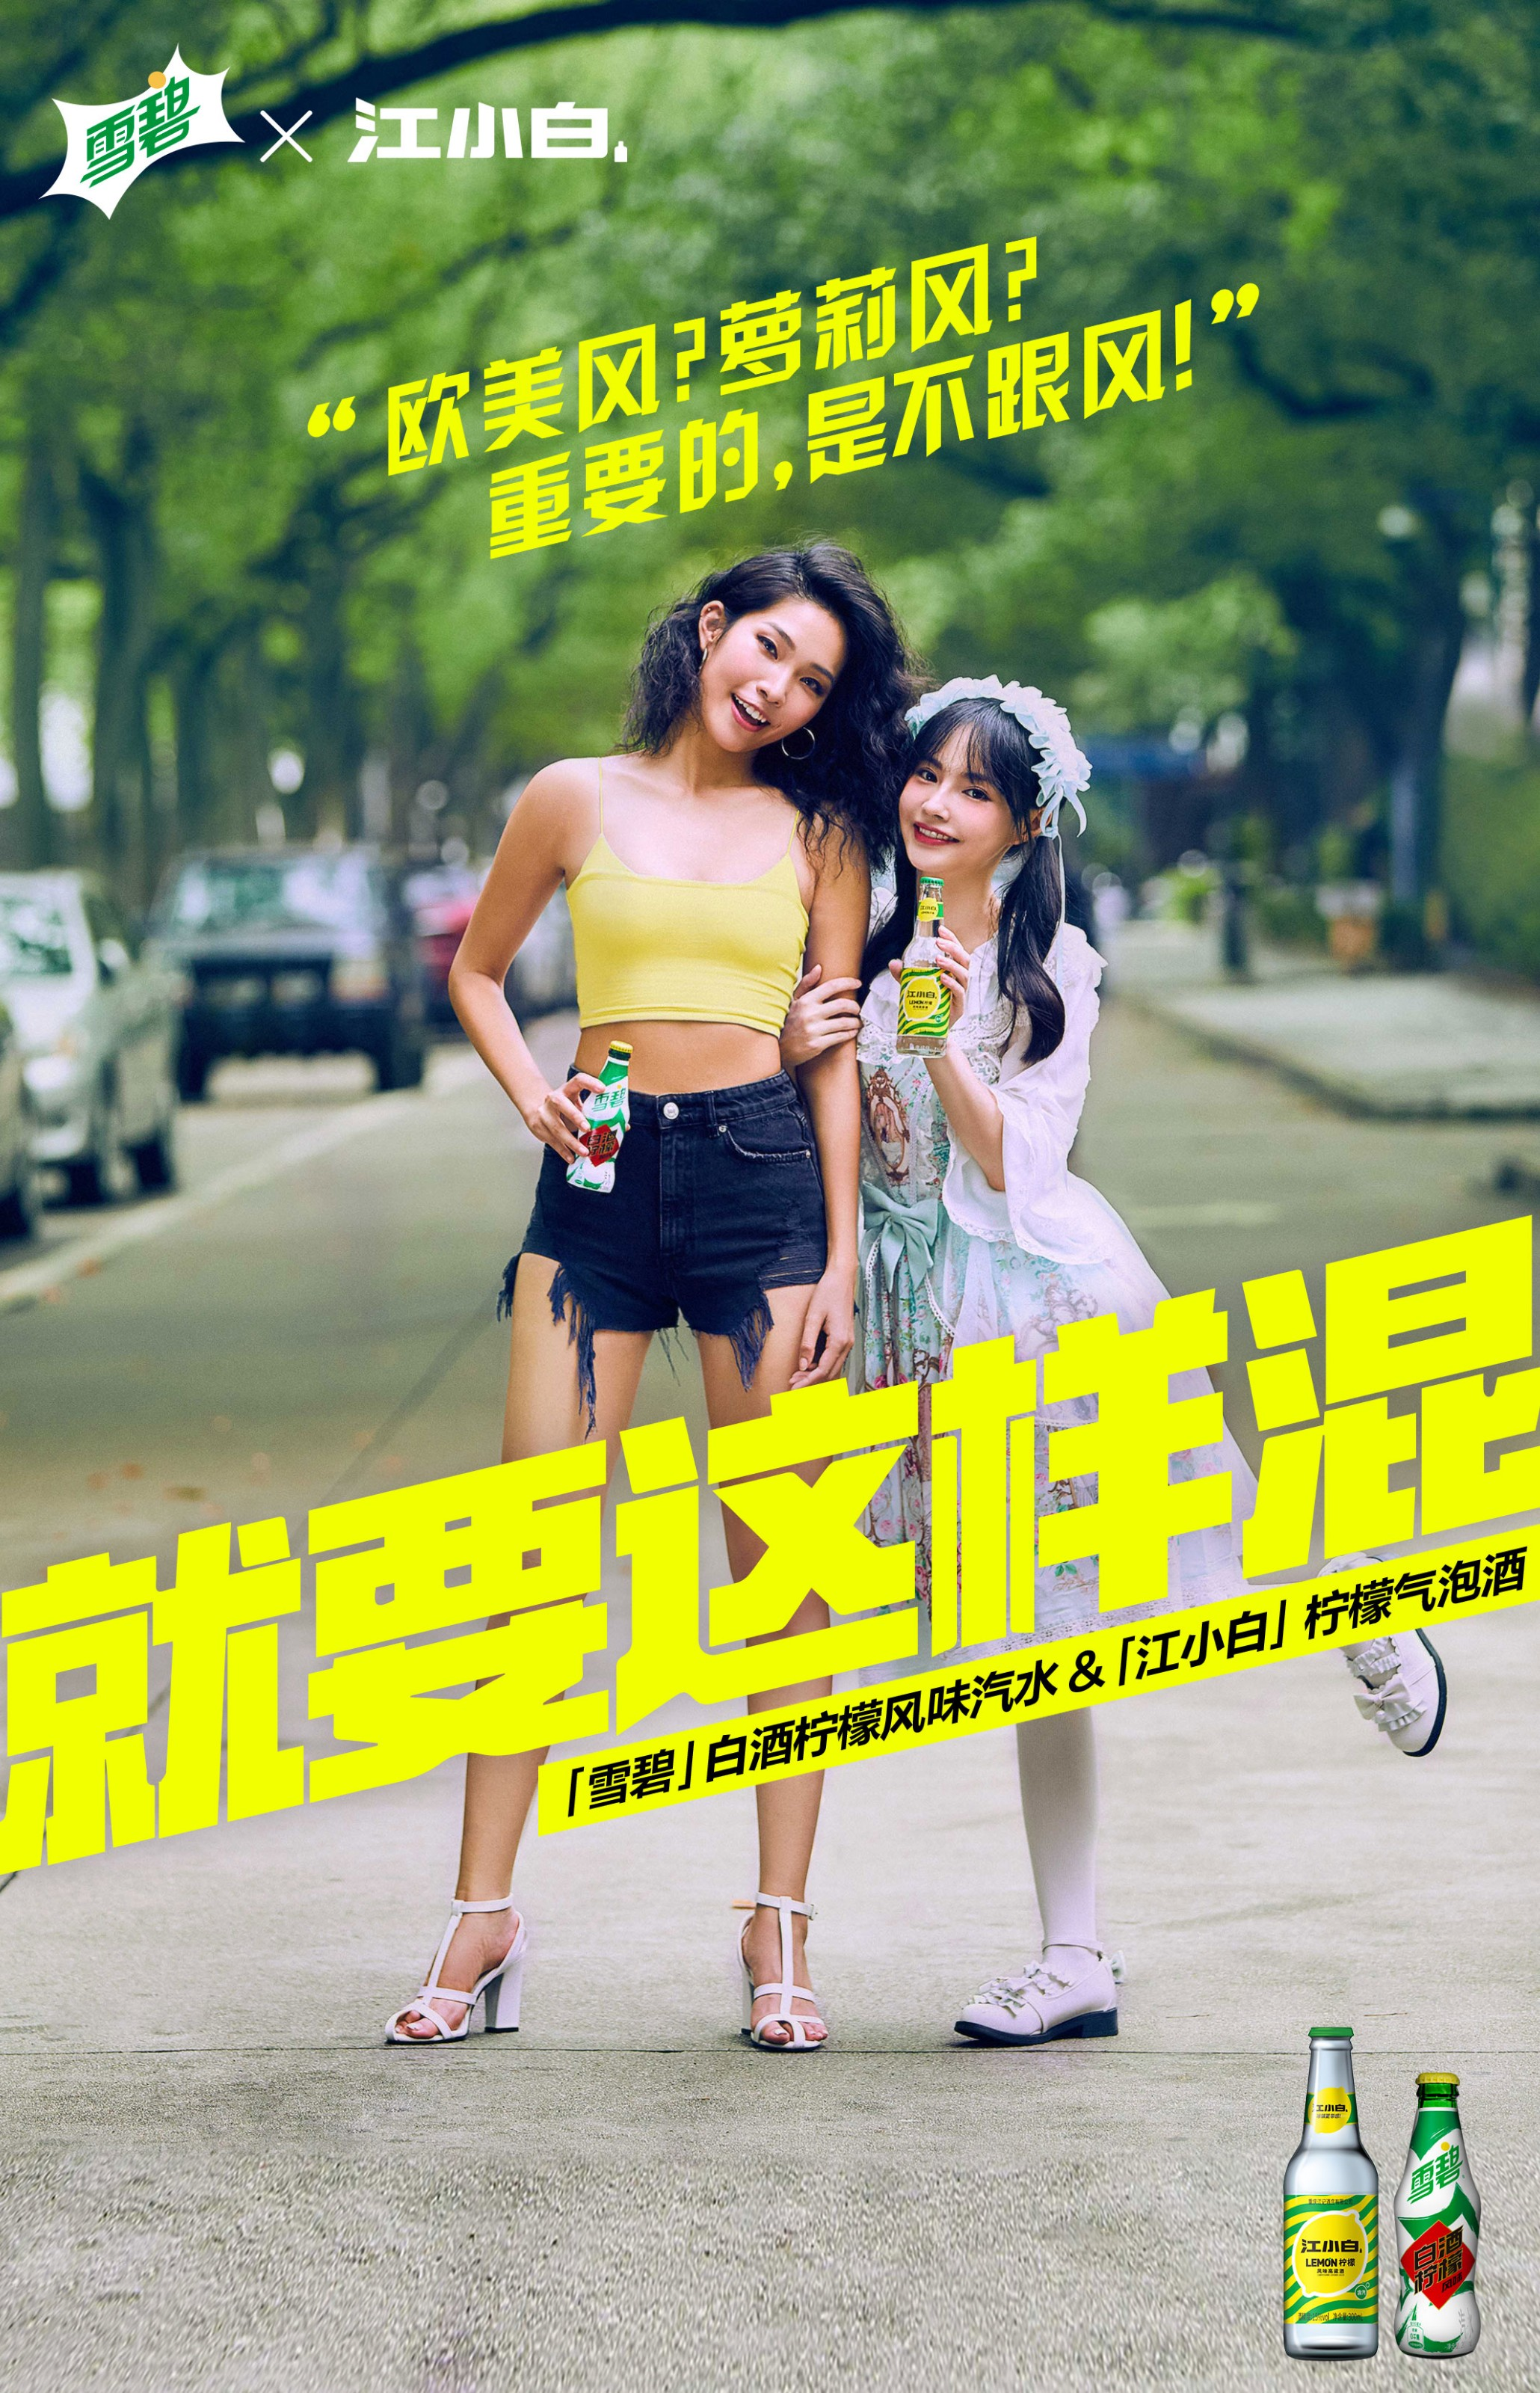 poster-0829-2.jpg